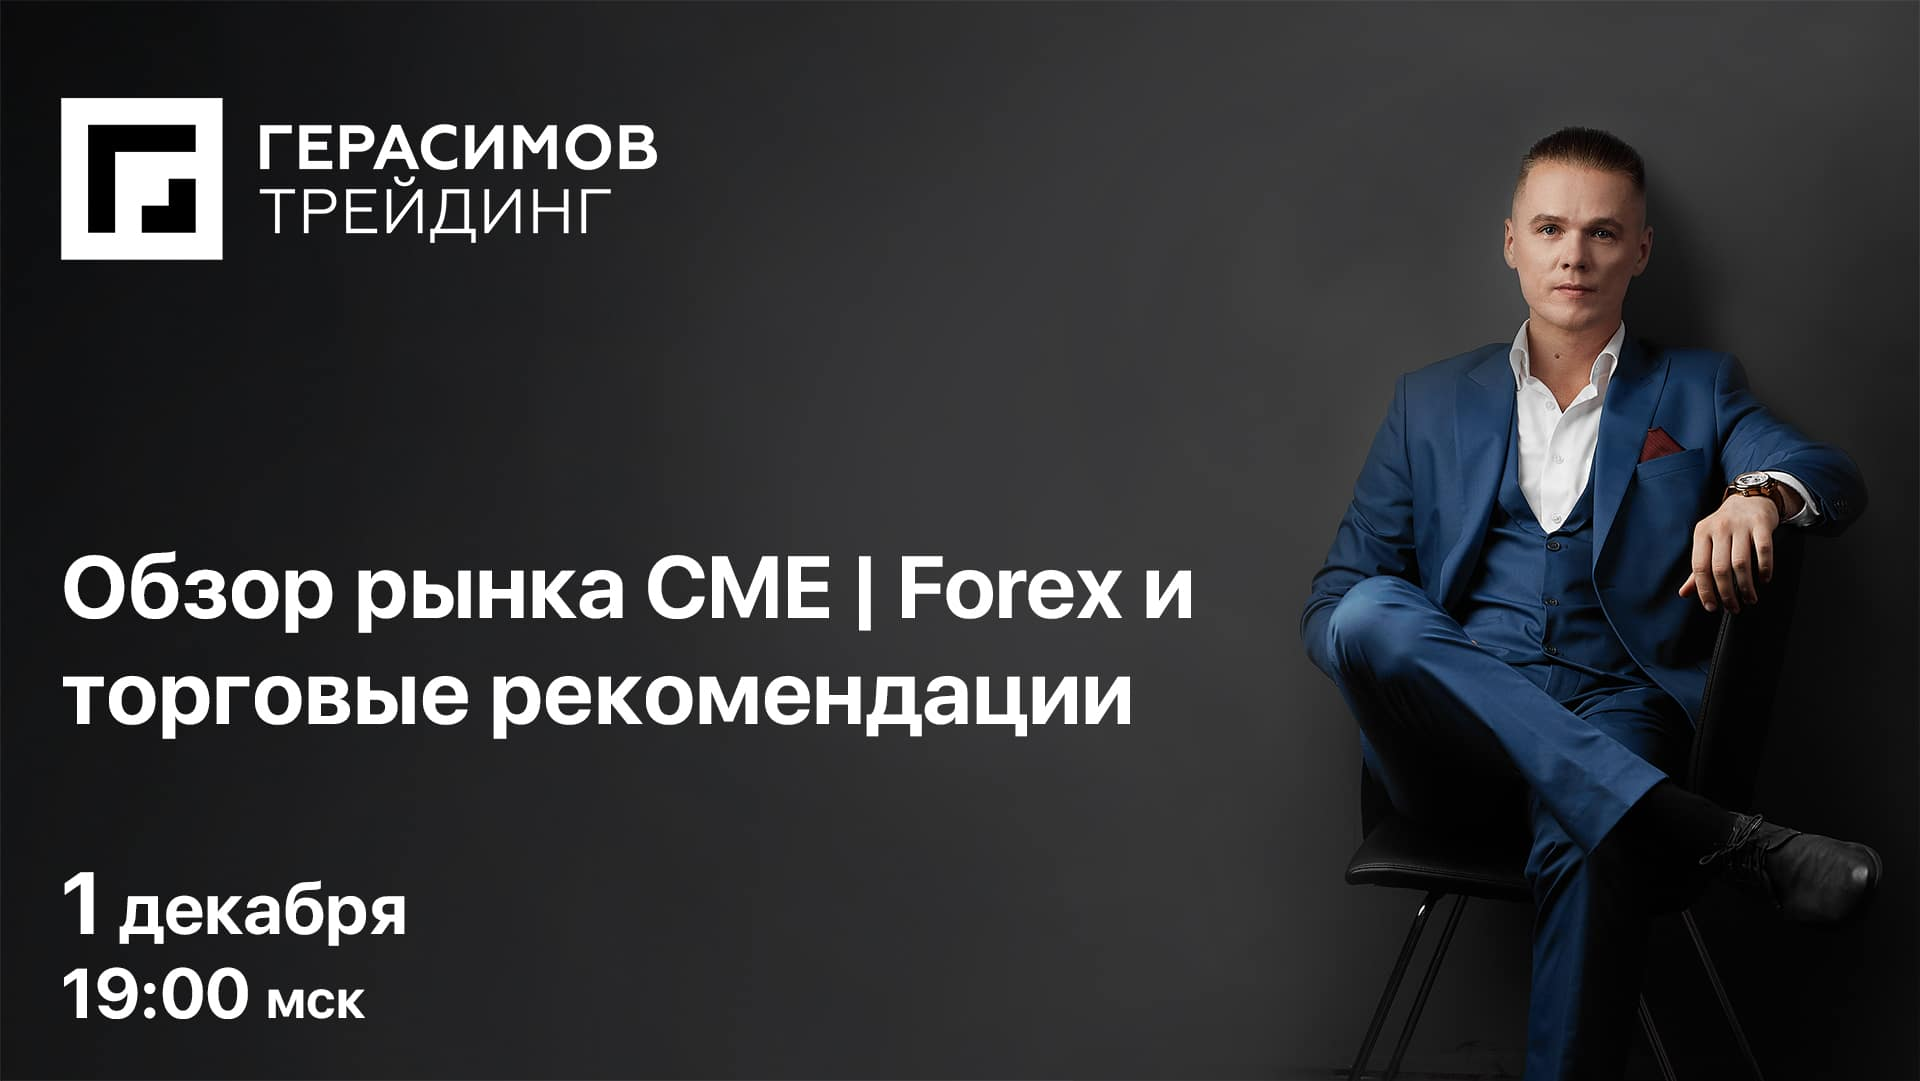 Обзор рынка CME | Forex и торговые рекомендации от 1.12.2020. Никита Герасимов